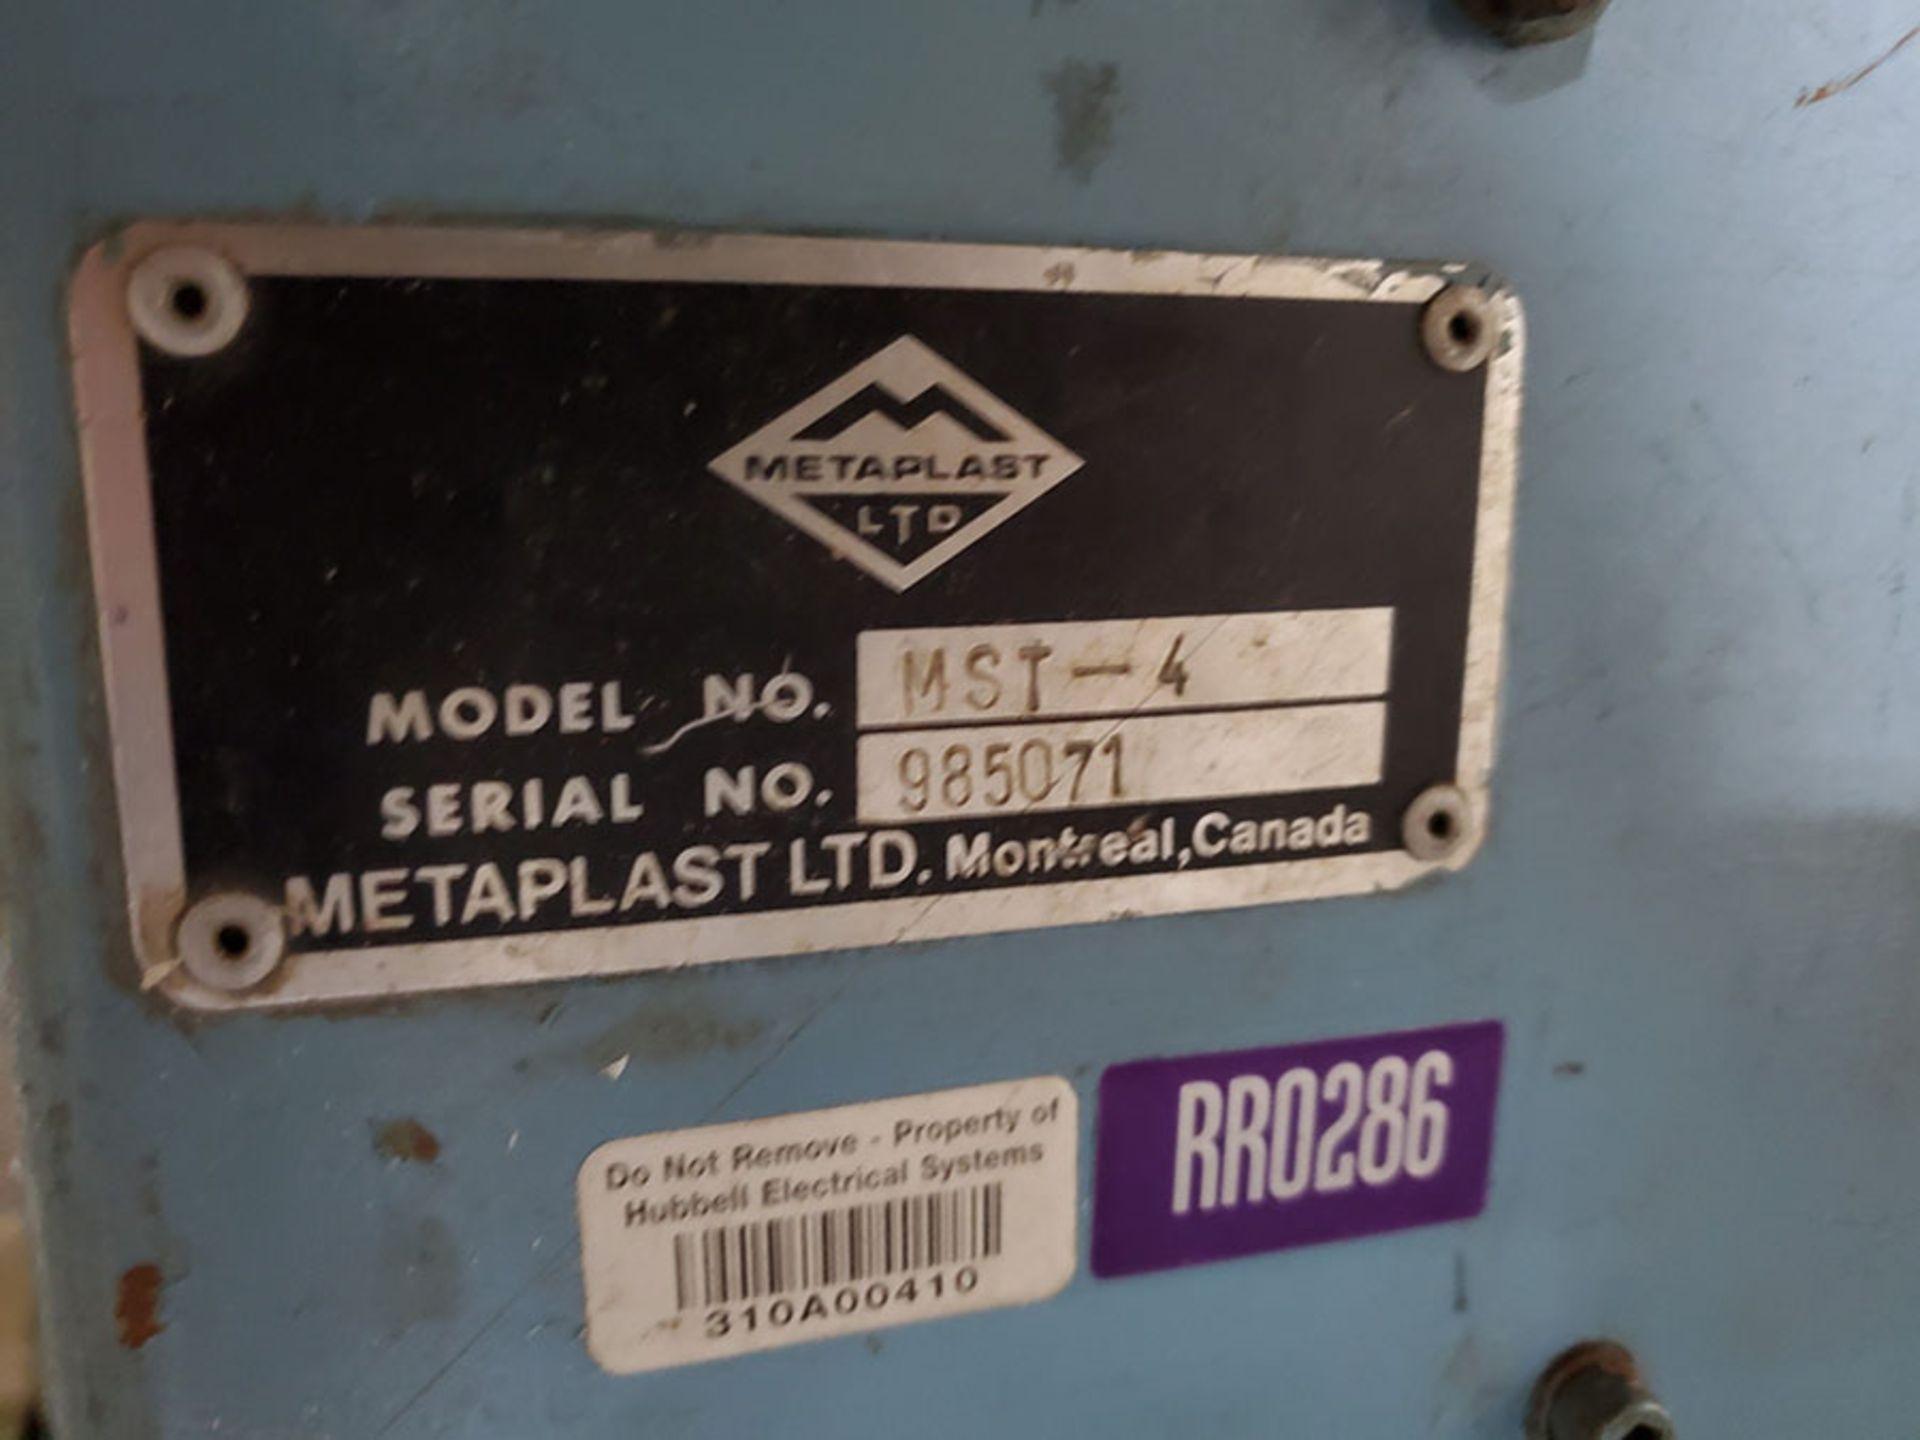 Lot 178 - METAPLAST SHEAR; MODEL MST-4, S/N 985071